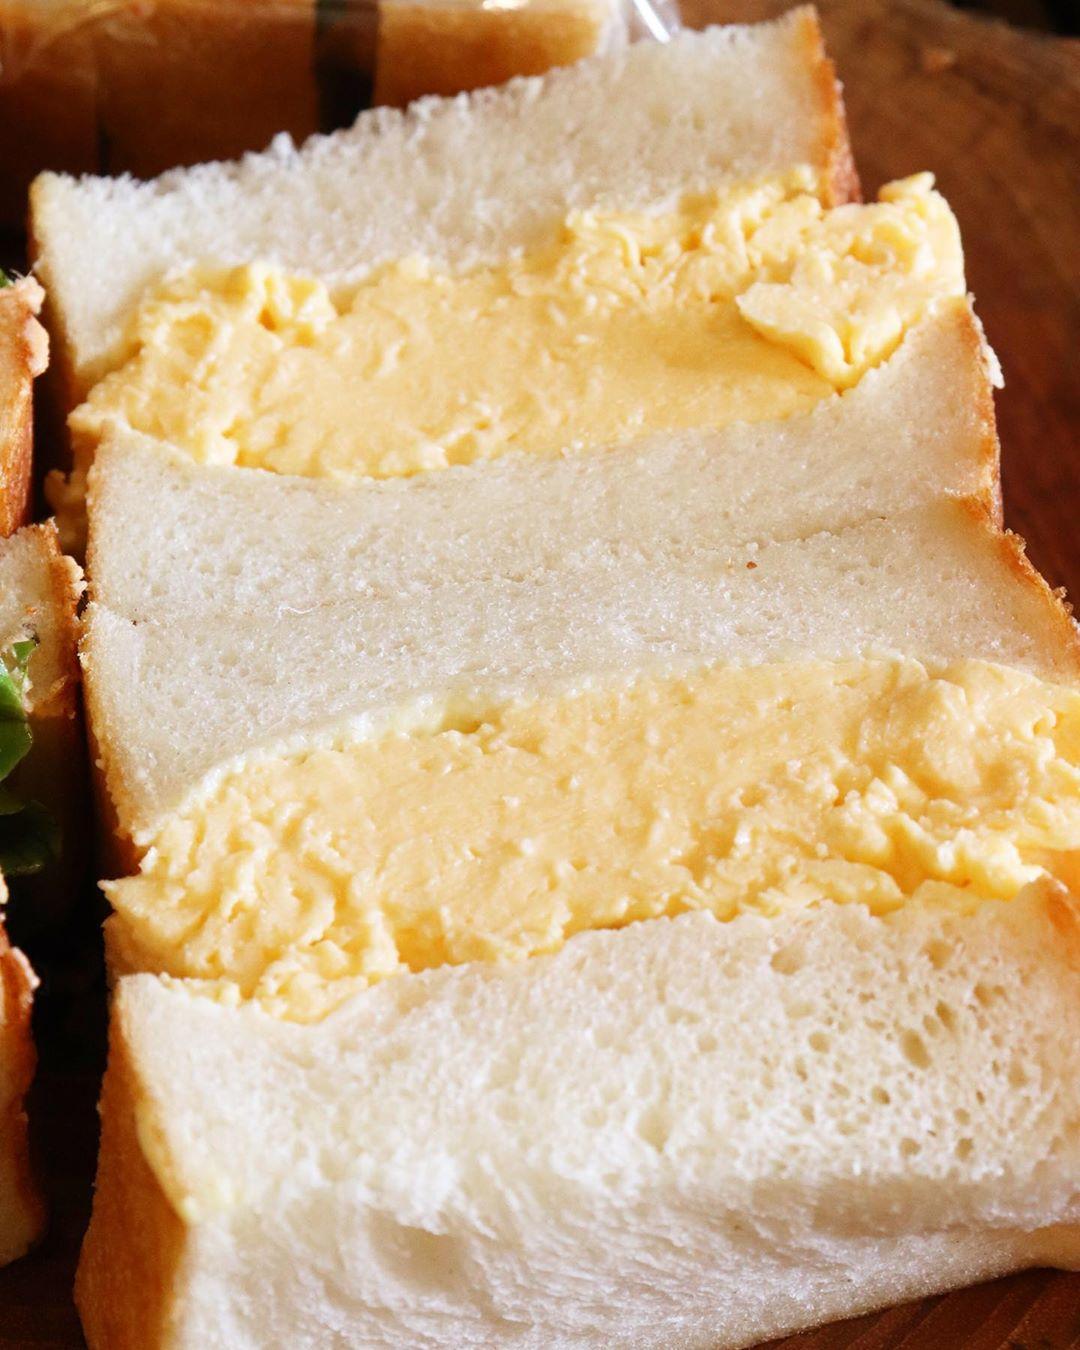 「ツナ プロヴァンサルのサンドウィッチ」「特製卵サンド」はとても好評いただいております(2020.06.26)